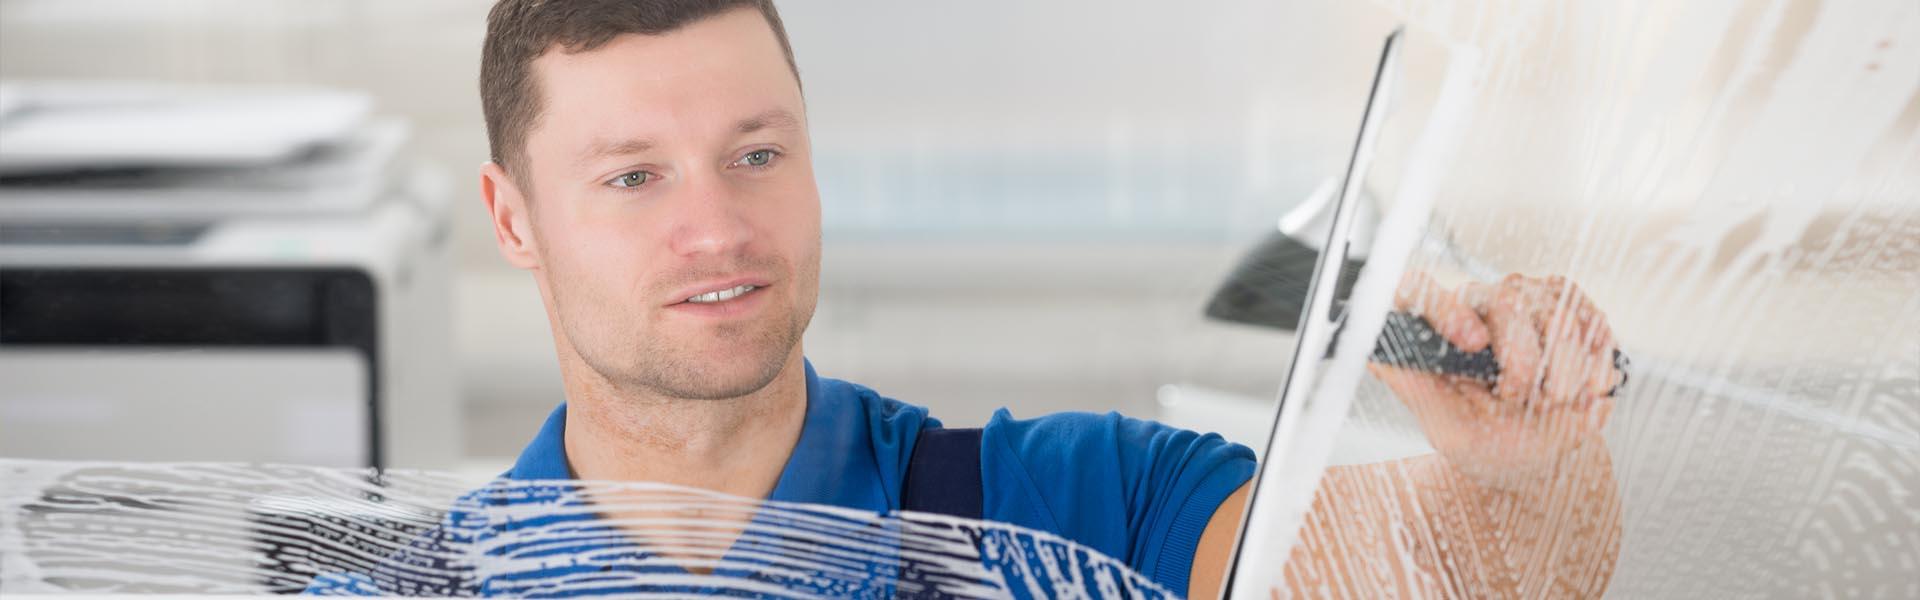 Schreiber-Dienstleistung Glasreinigung